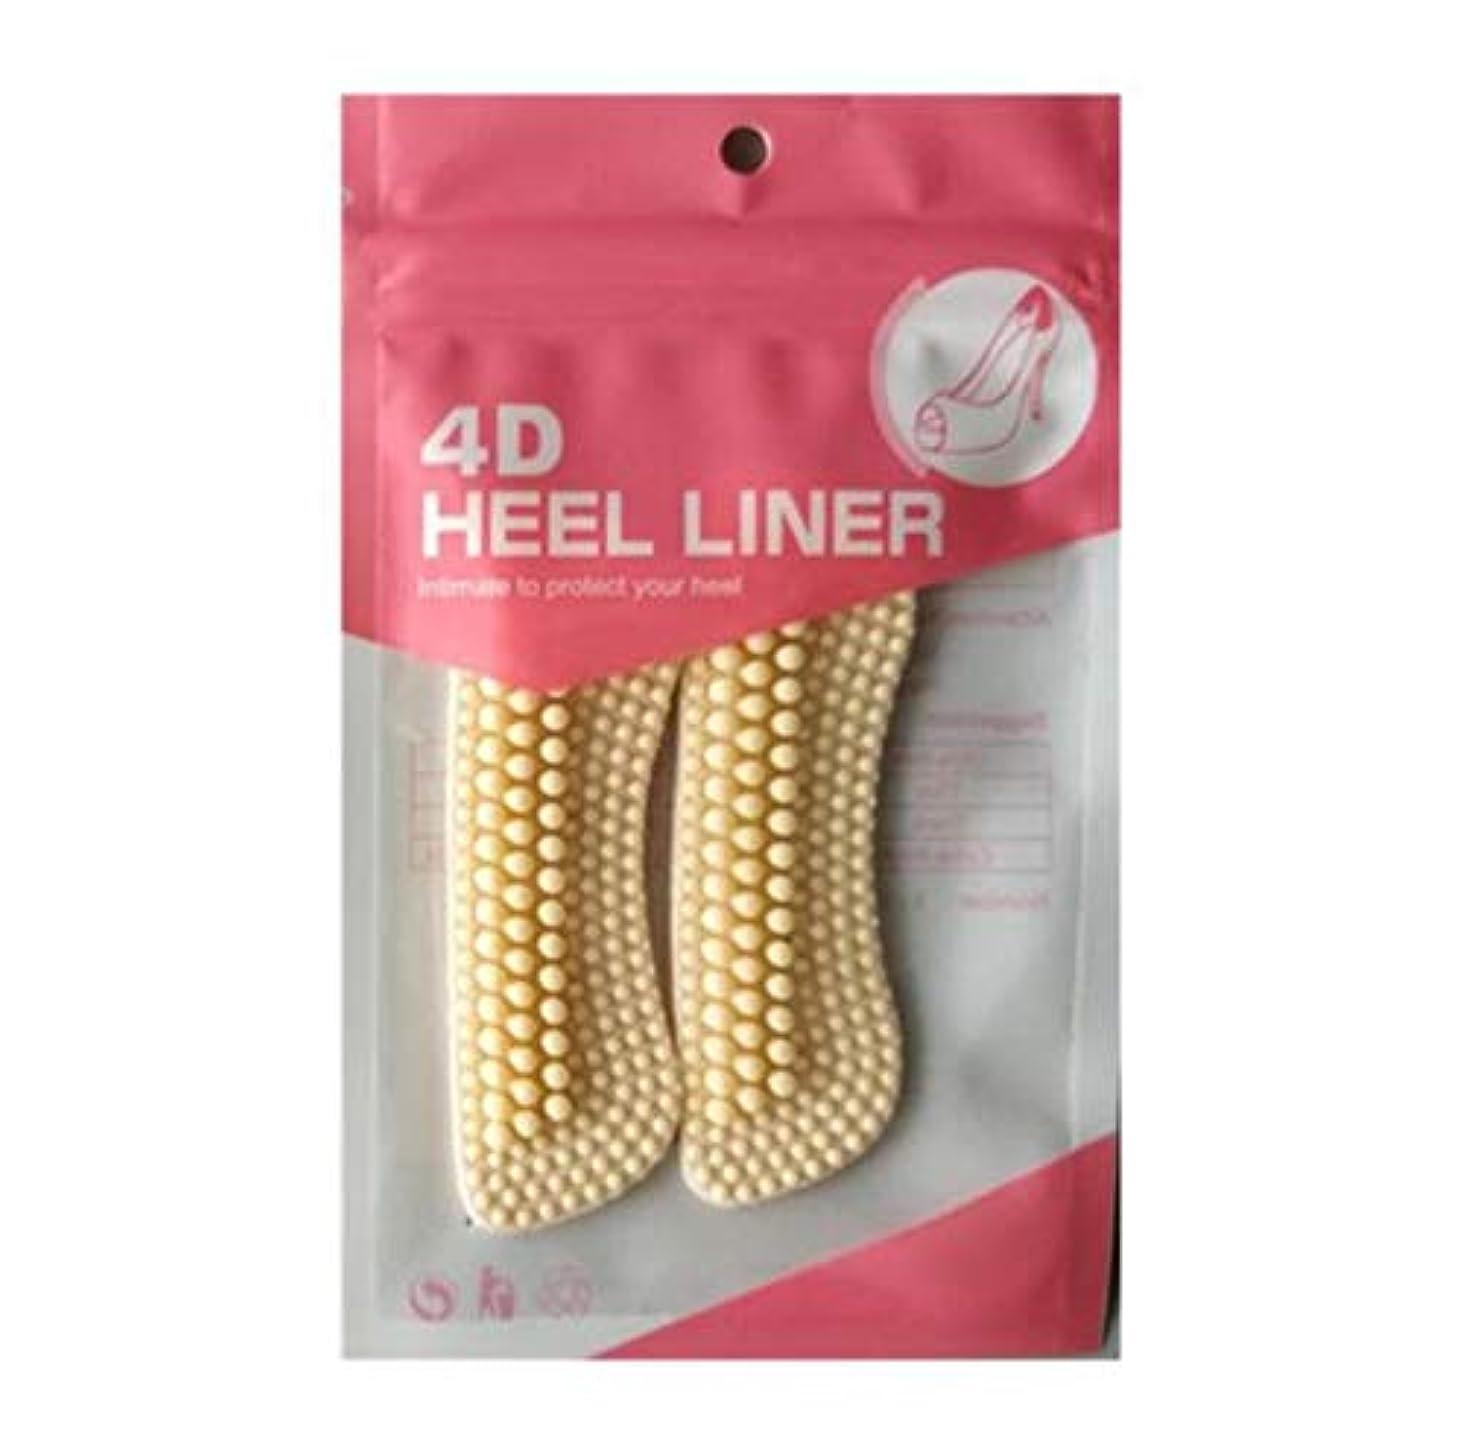 別の舌スタイルHJ 靴擦れ防止 ヒールパッド かかと用 かかとテープ クッション 靴ずれ防止 かかと保護パッド ベージュ (薄いタイプ, 5足セット)